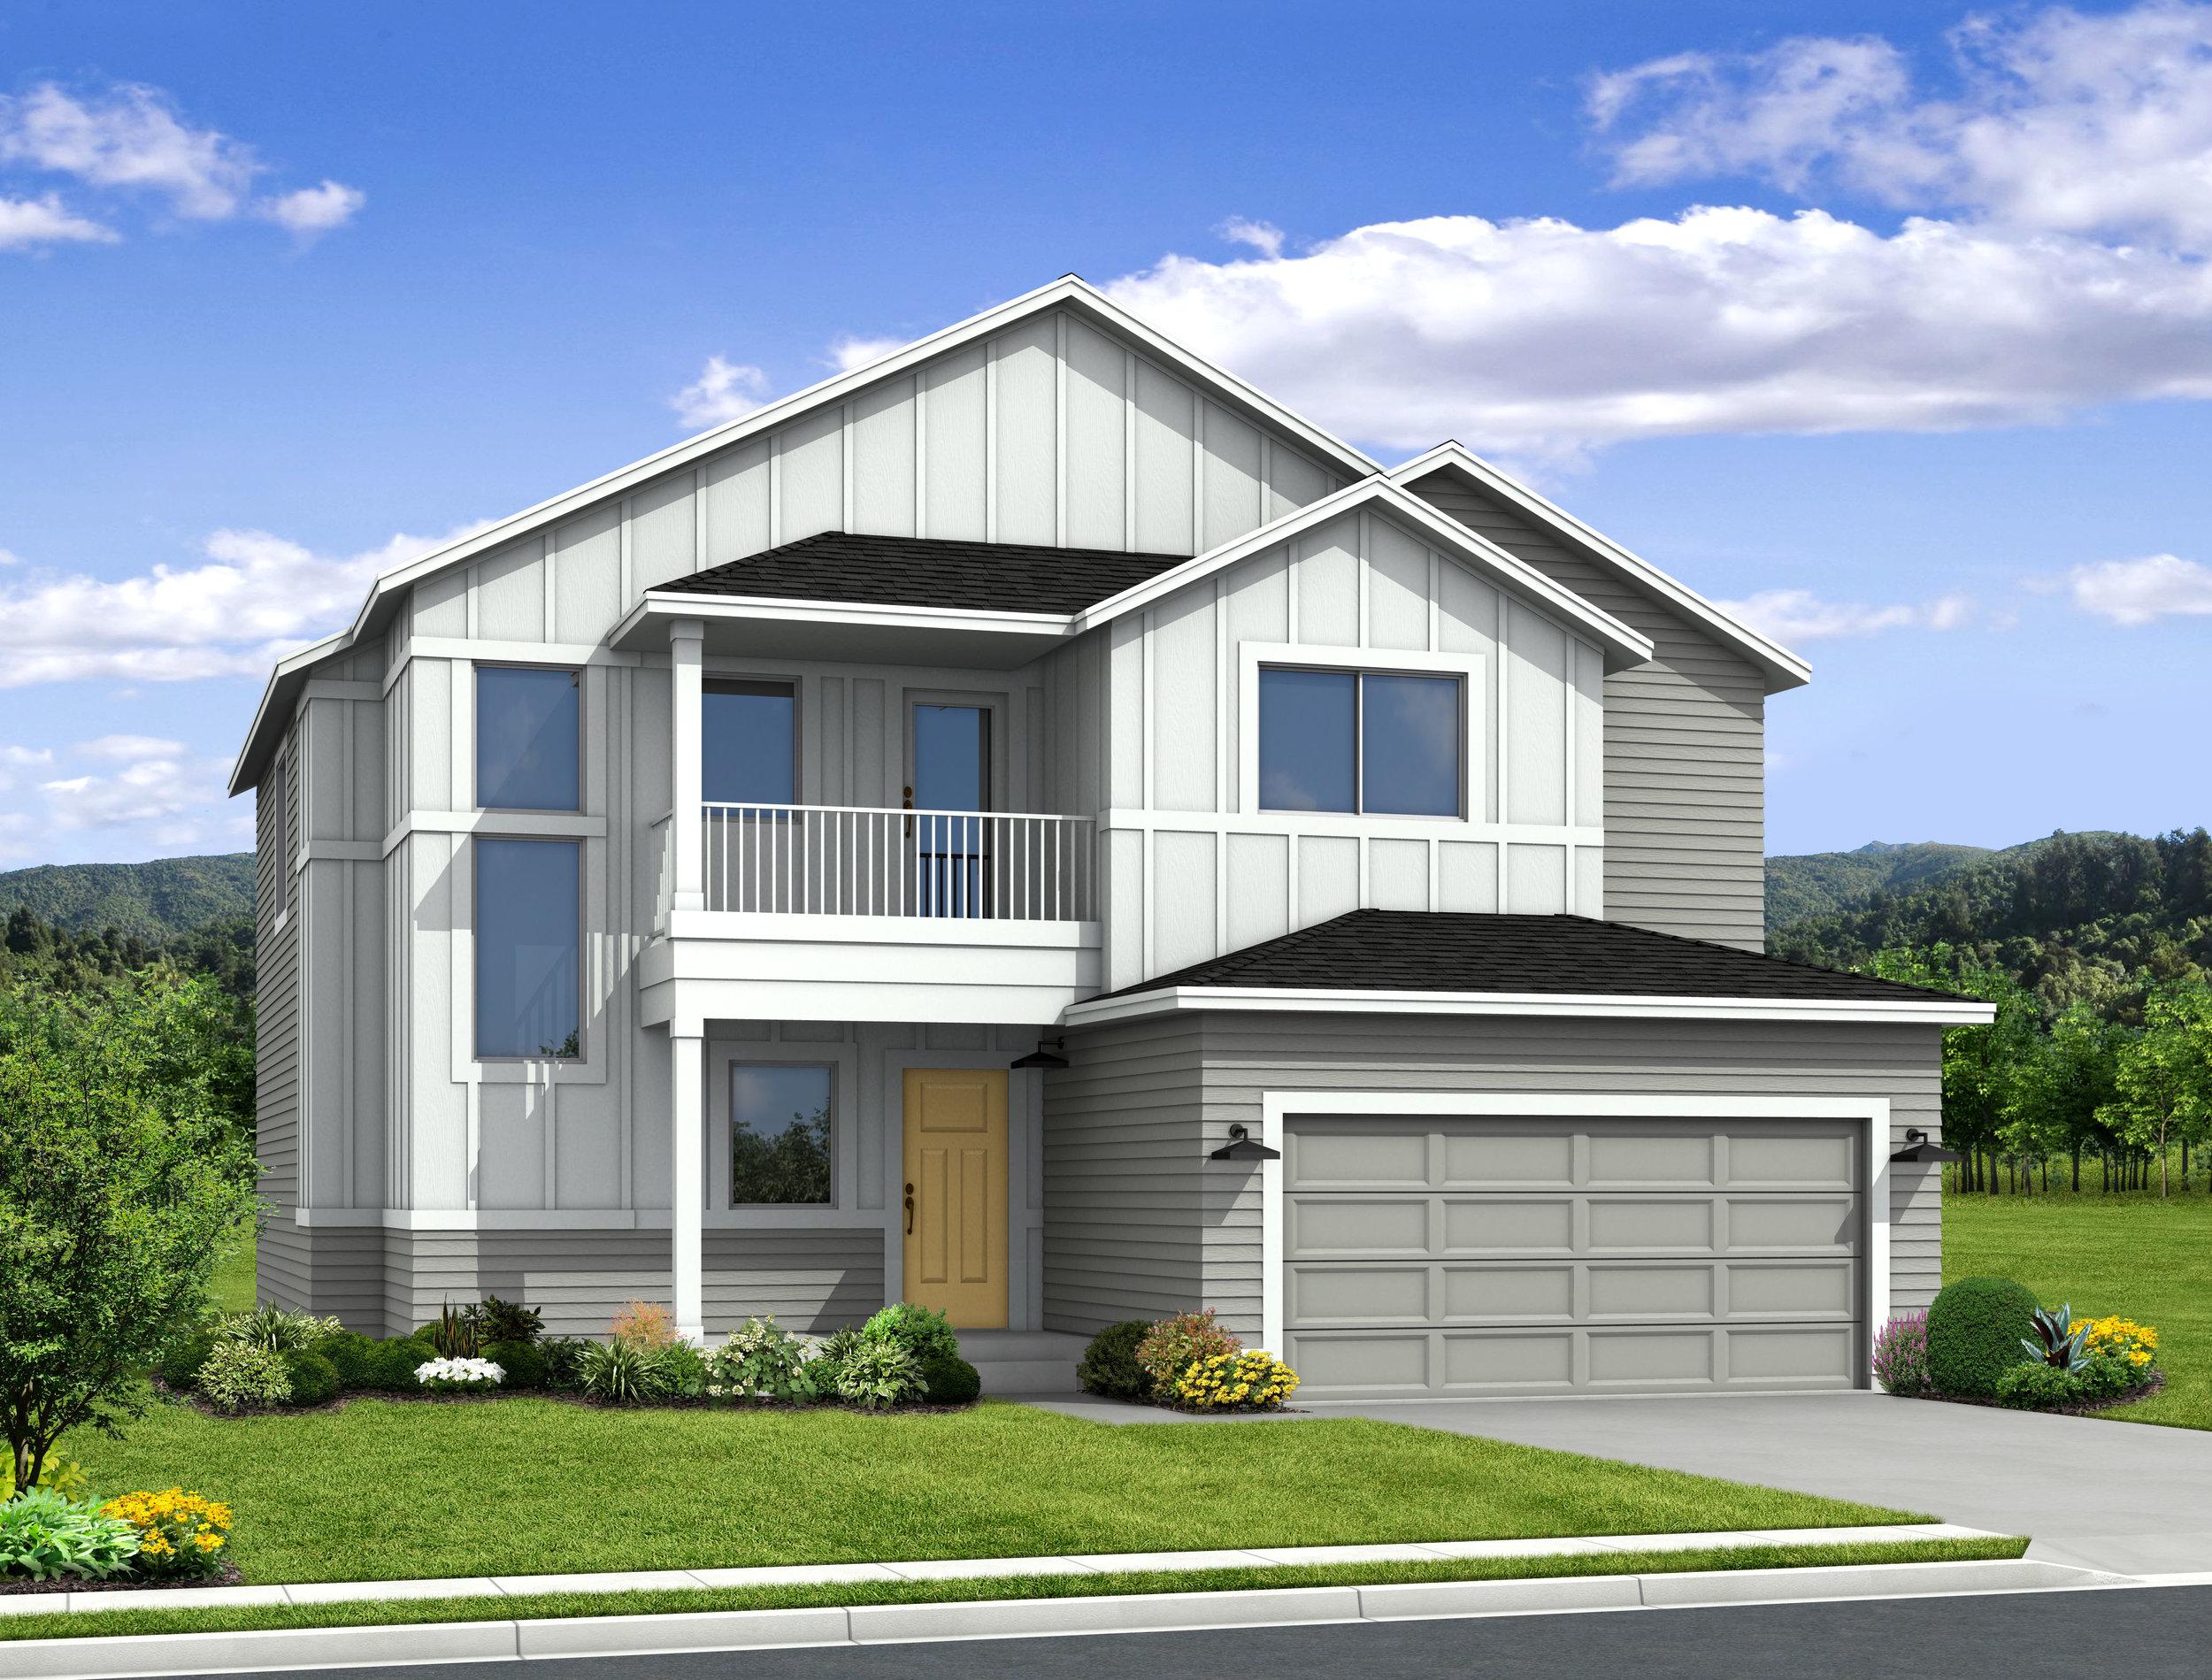 Keller Homes - Cumbre Vista - Farmhouse Series 301.jpg